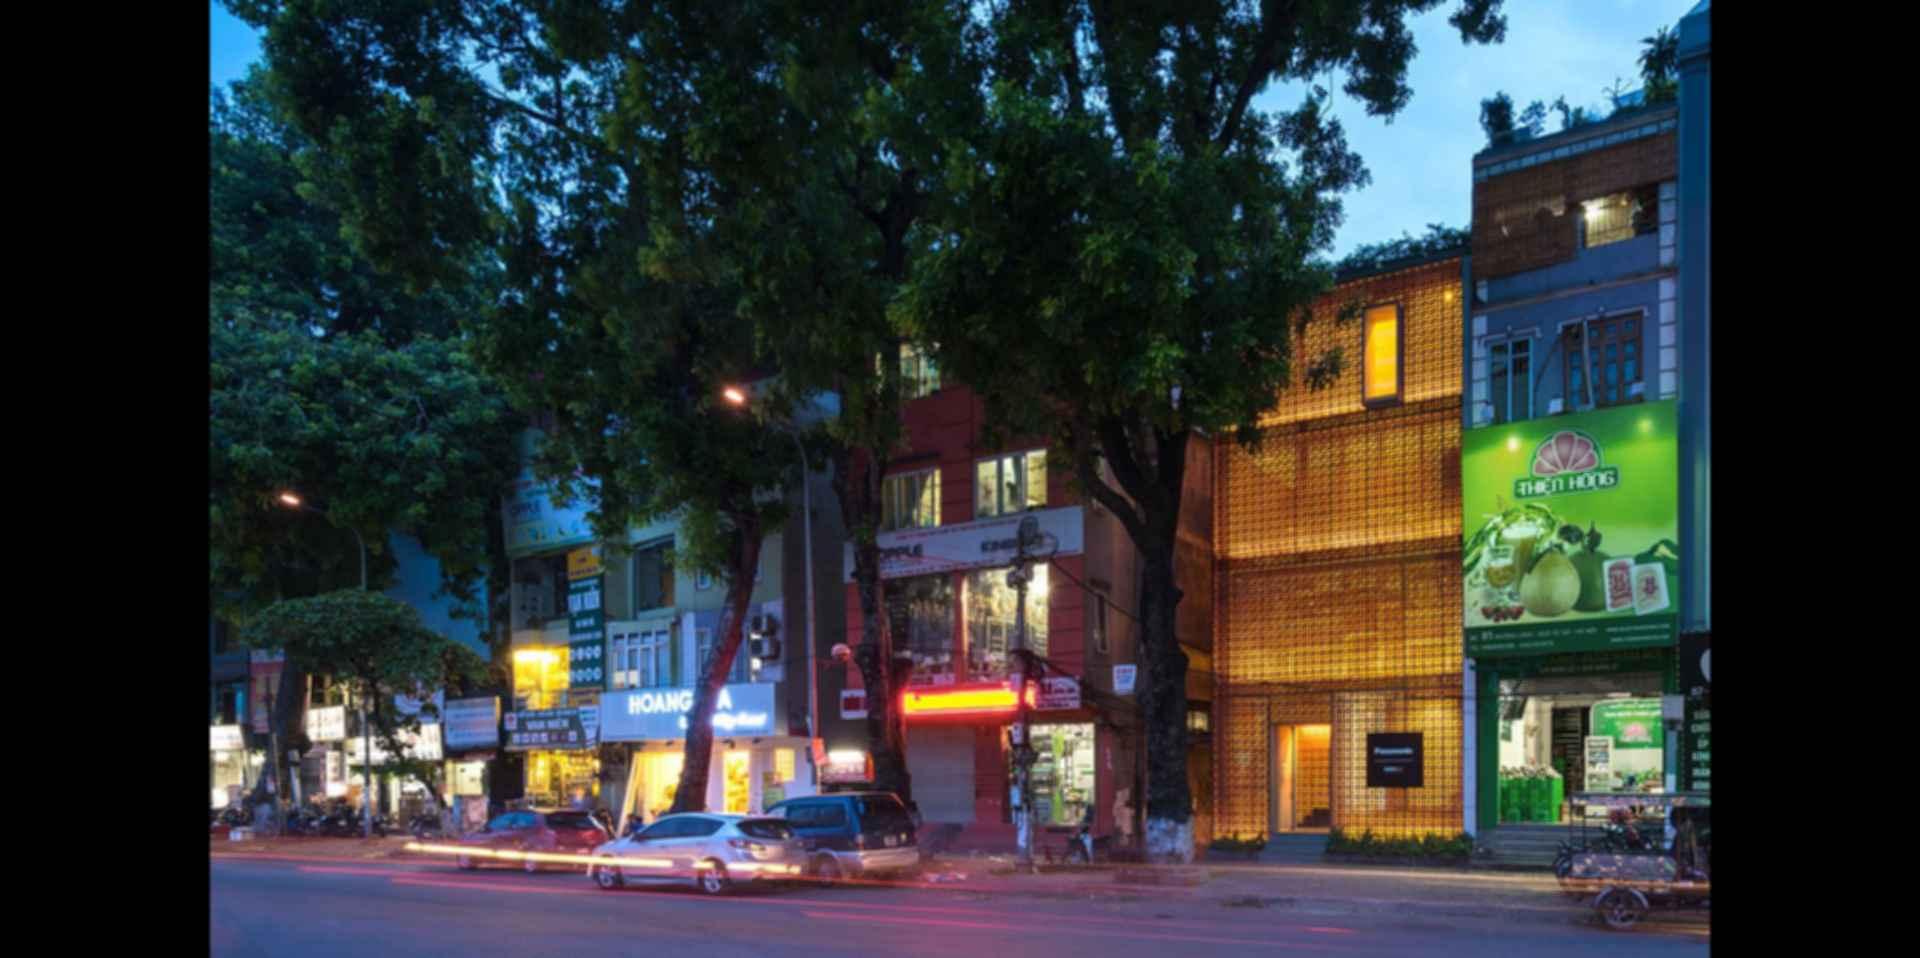 The Lantern - Exterior/Street View